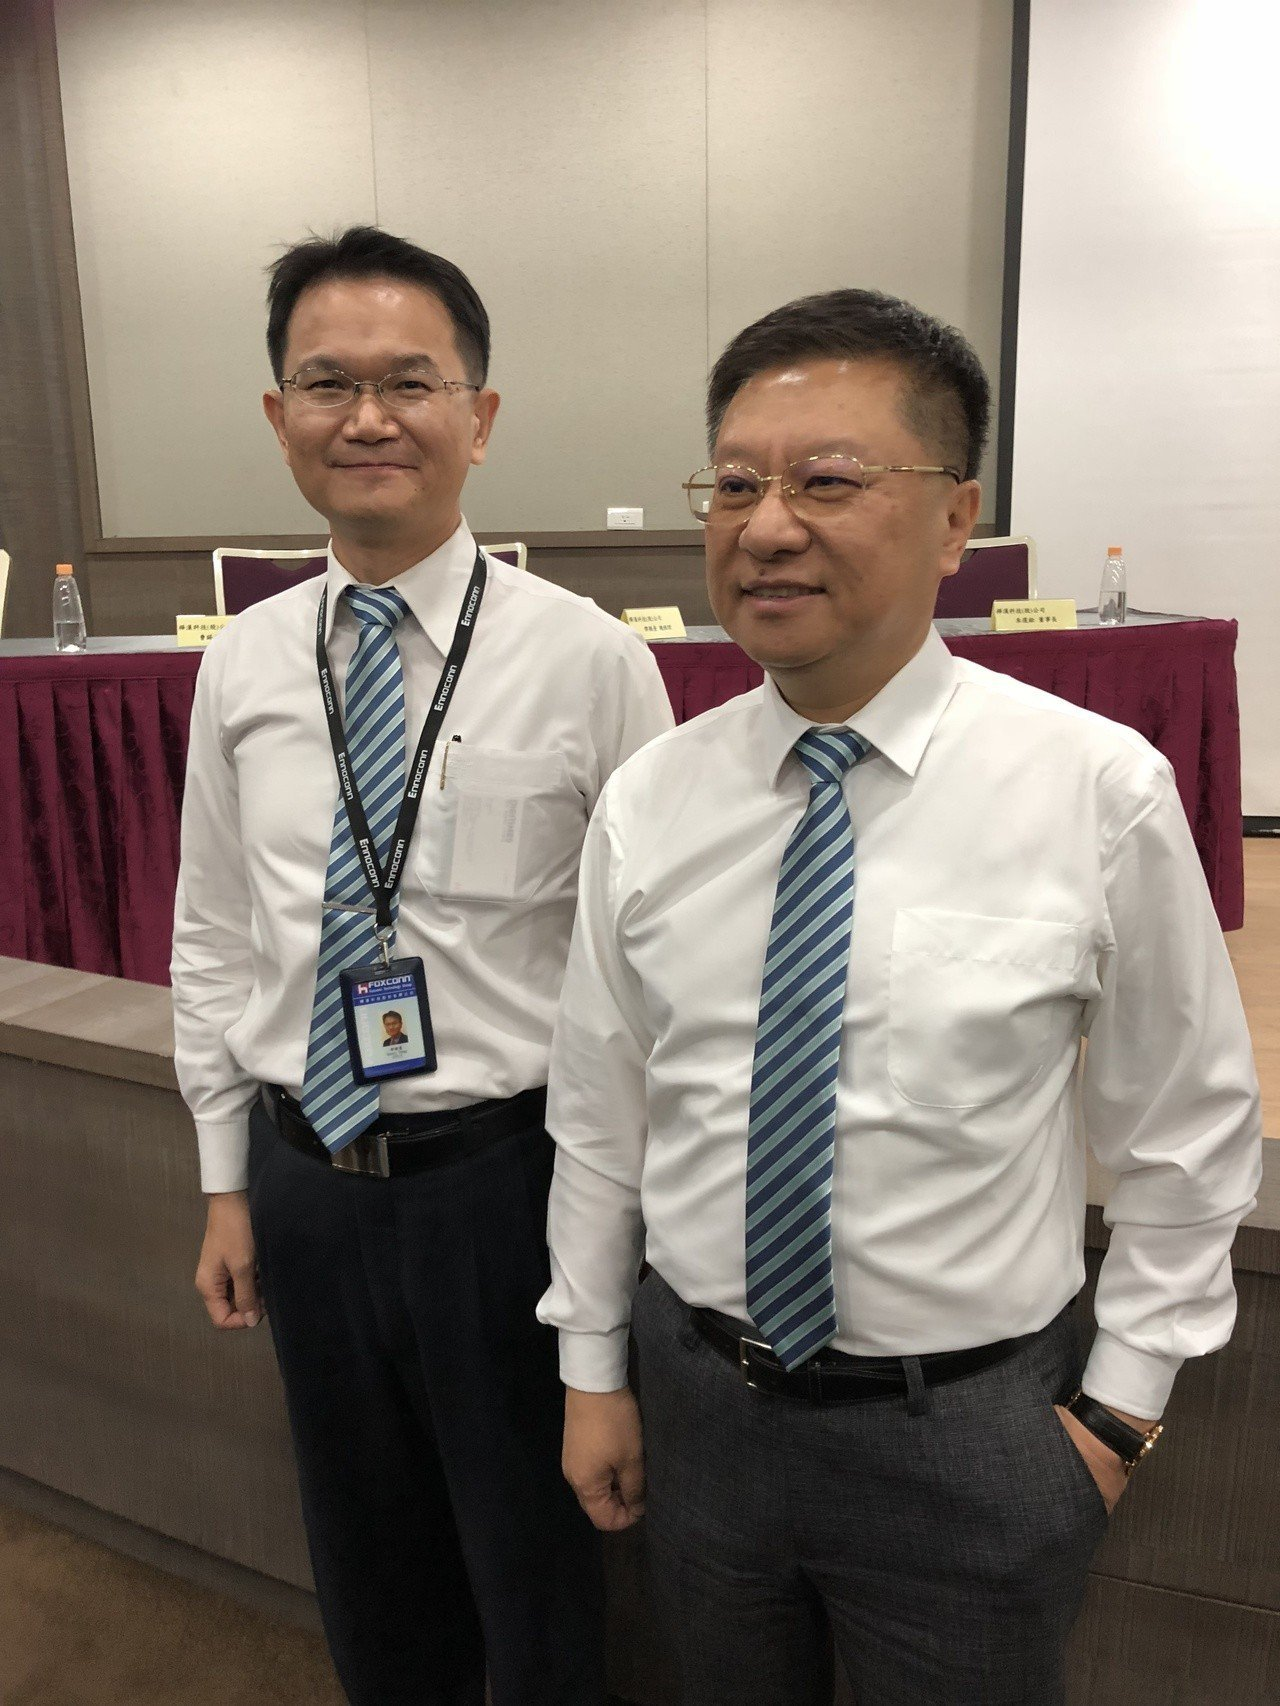 樺漢董事長朱復銓(右)與總經理鄧覲臺。記者蕭君暉/攝影